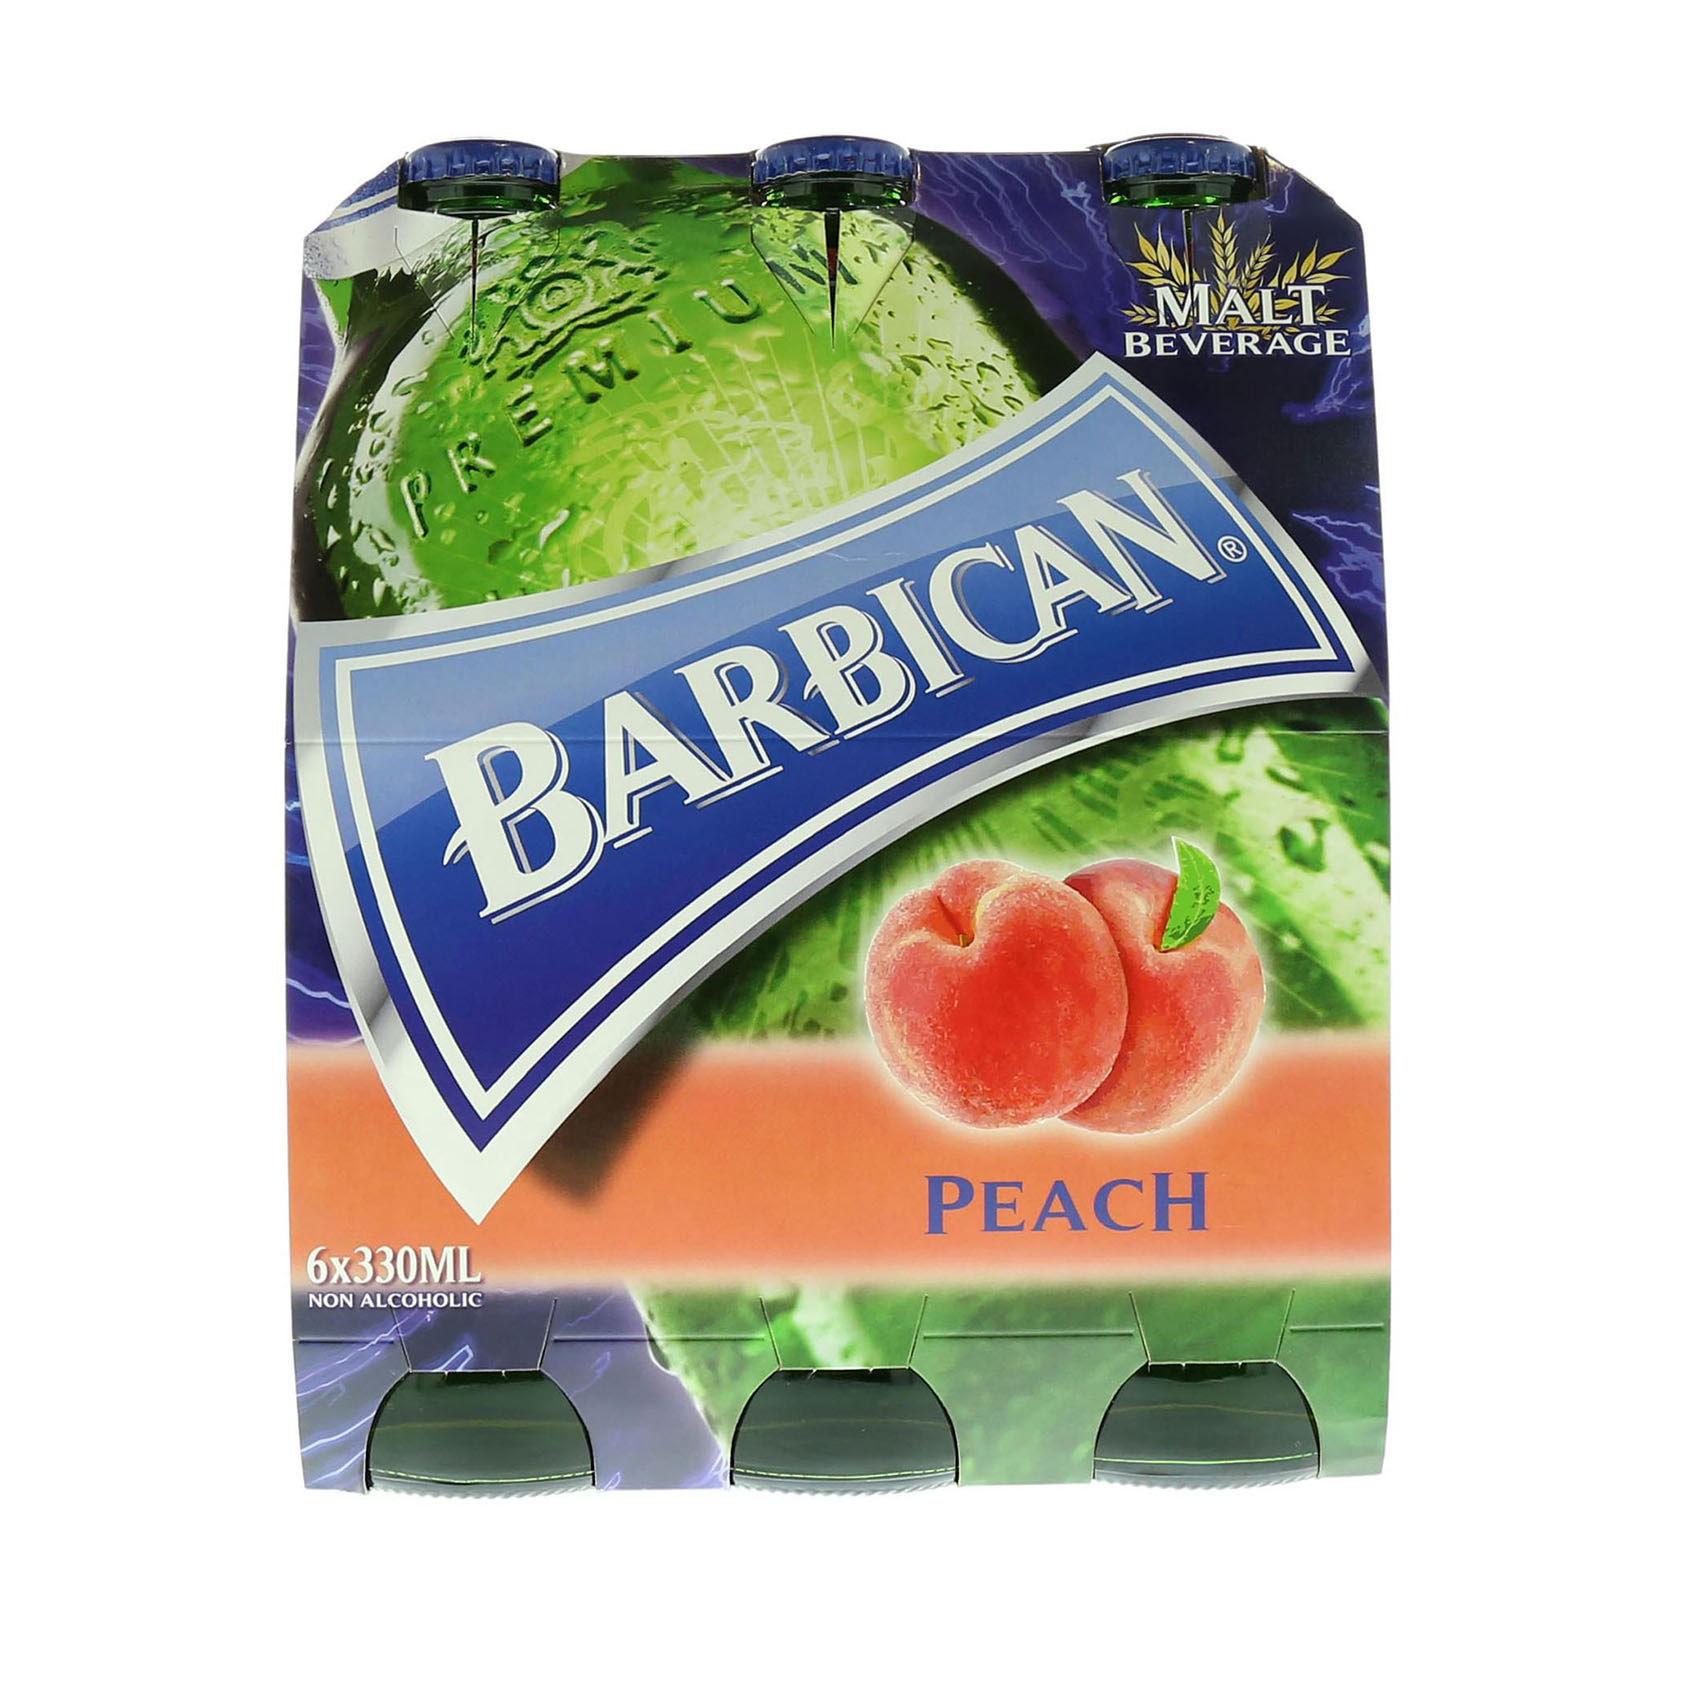 BARBICAN N/ALCO BEER PEACH 330MLX6